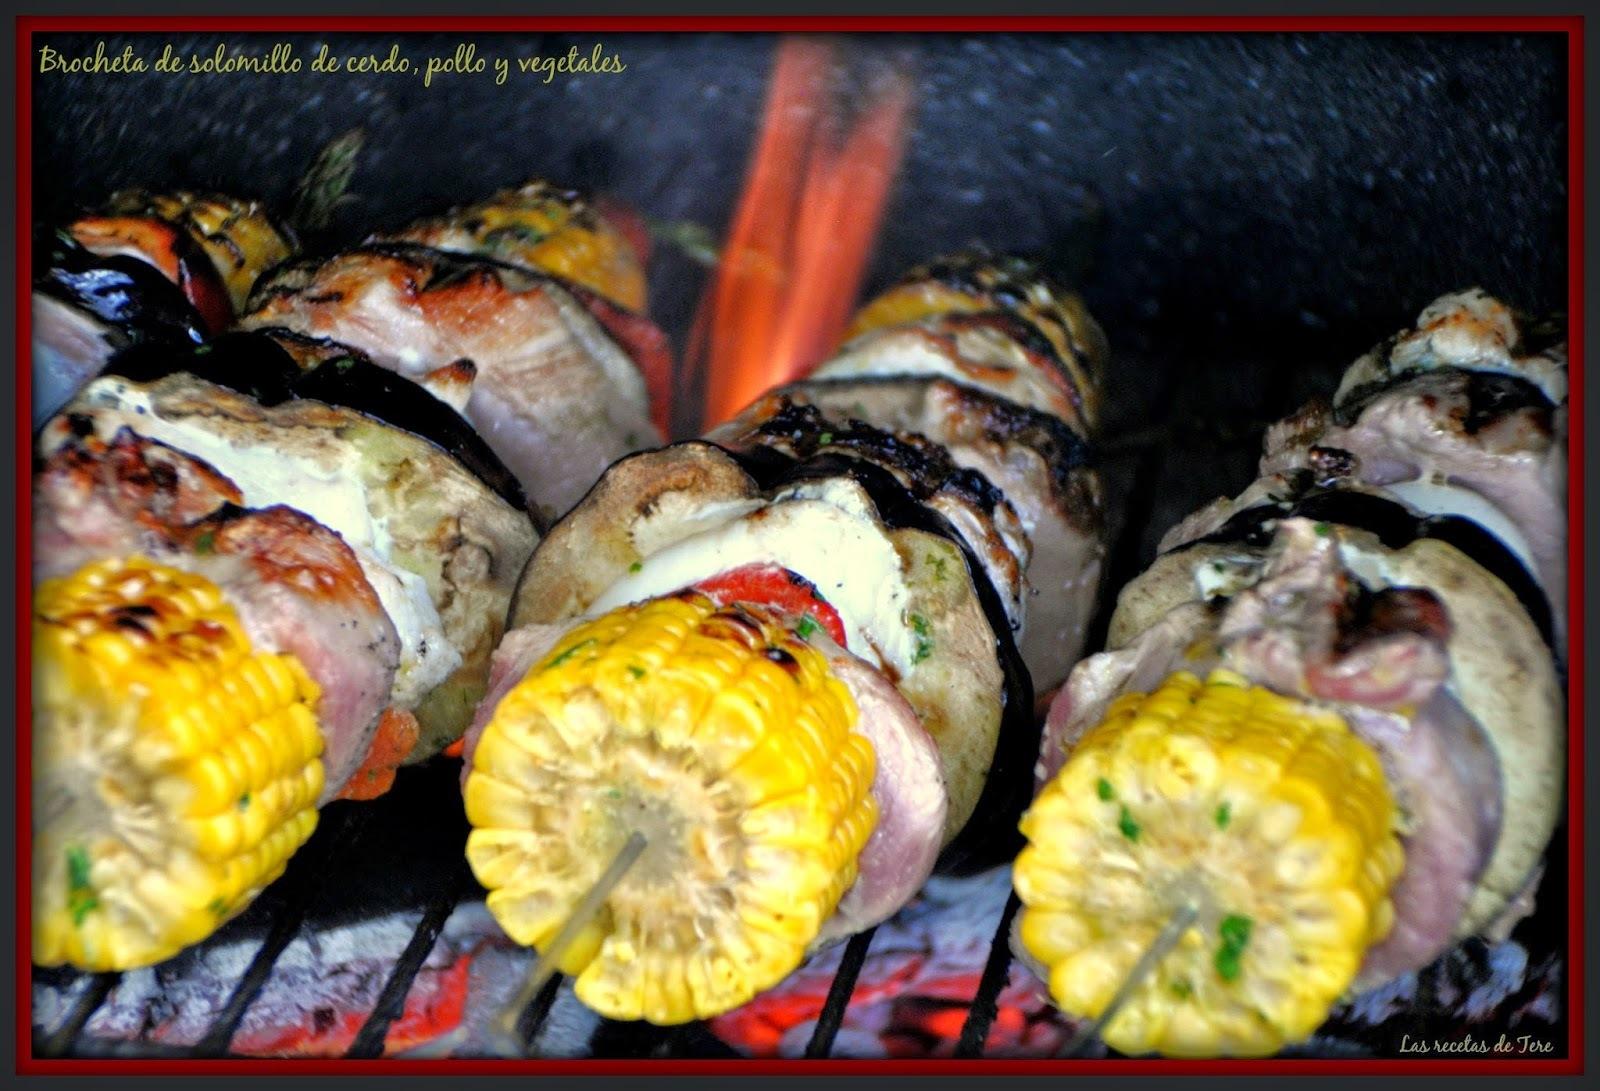 Brocheta de solomillo de cerdo, pollo y vegetales.